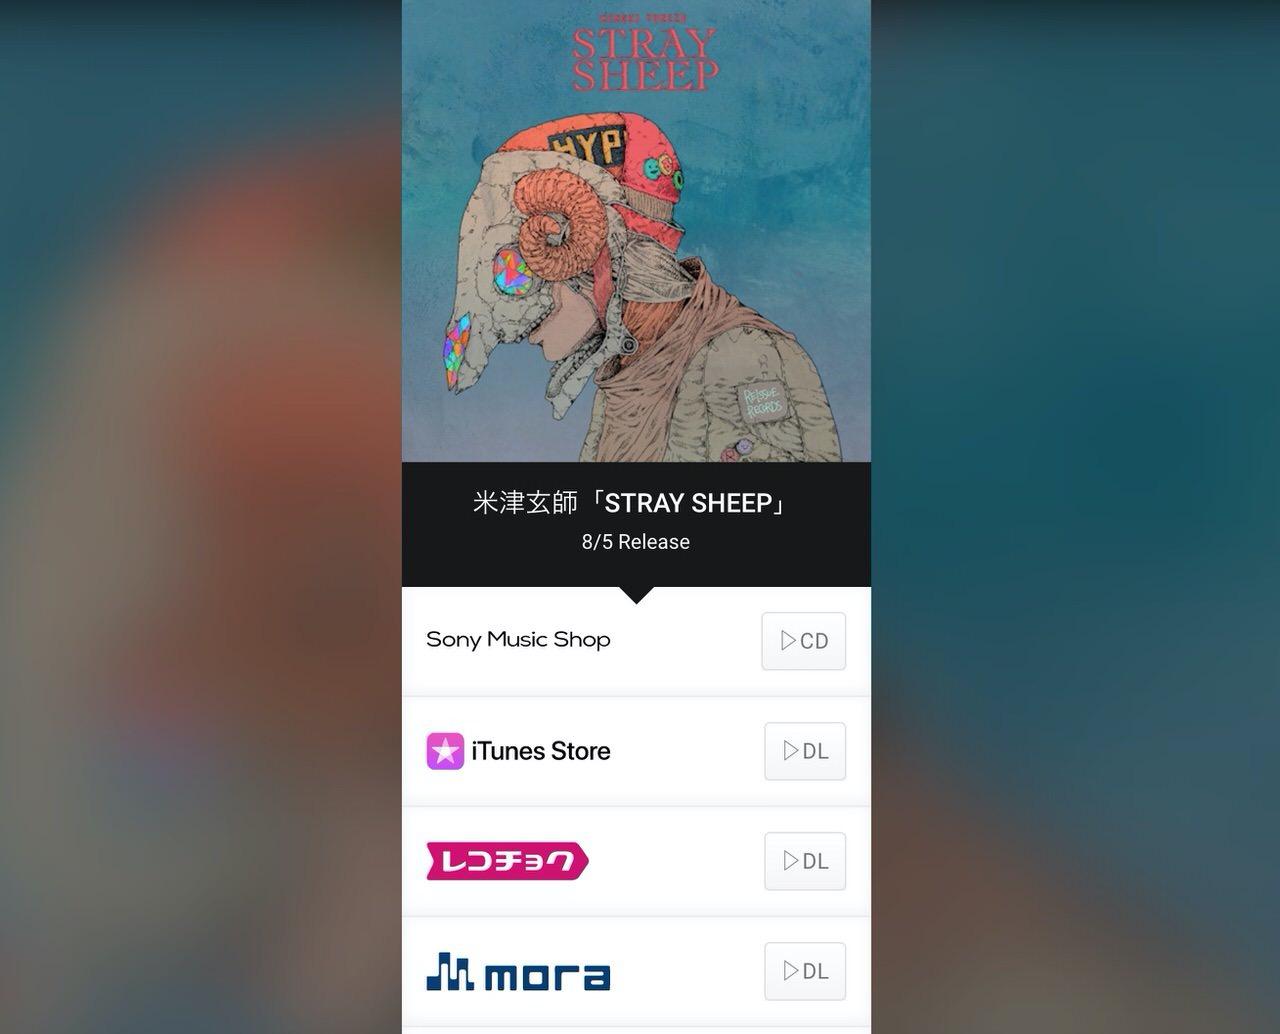 米津玄師、ハチ名義の楽曲から最新リリース「STRAY SHEEP」までリリースした全楽曲がサブスク解禁